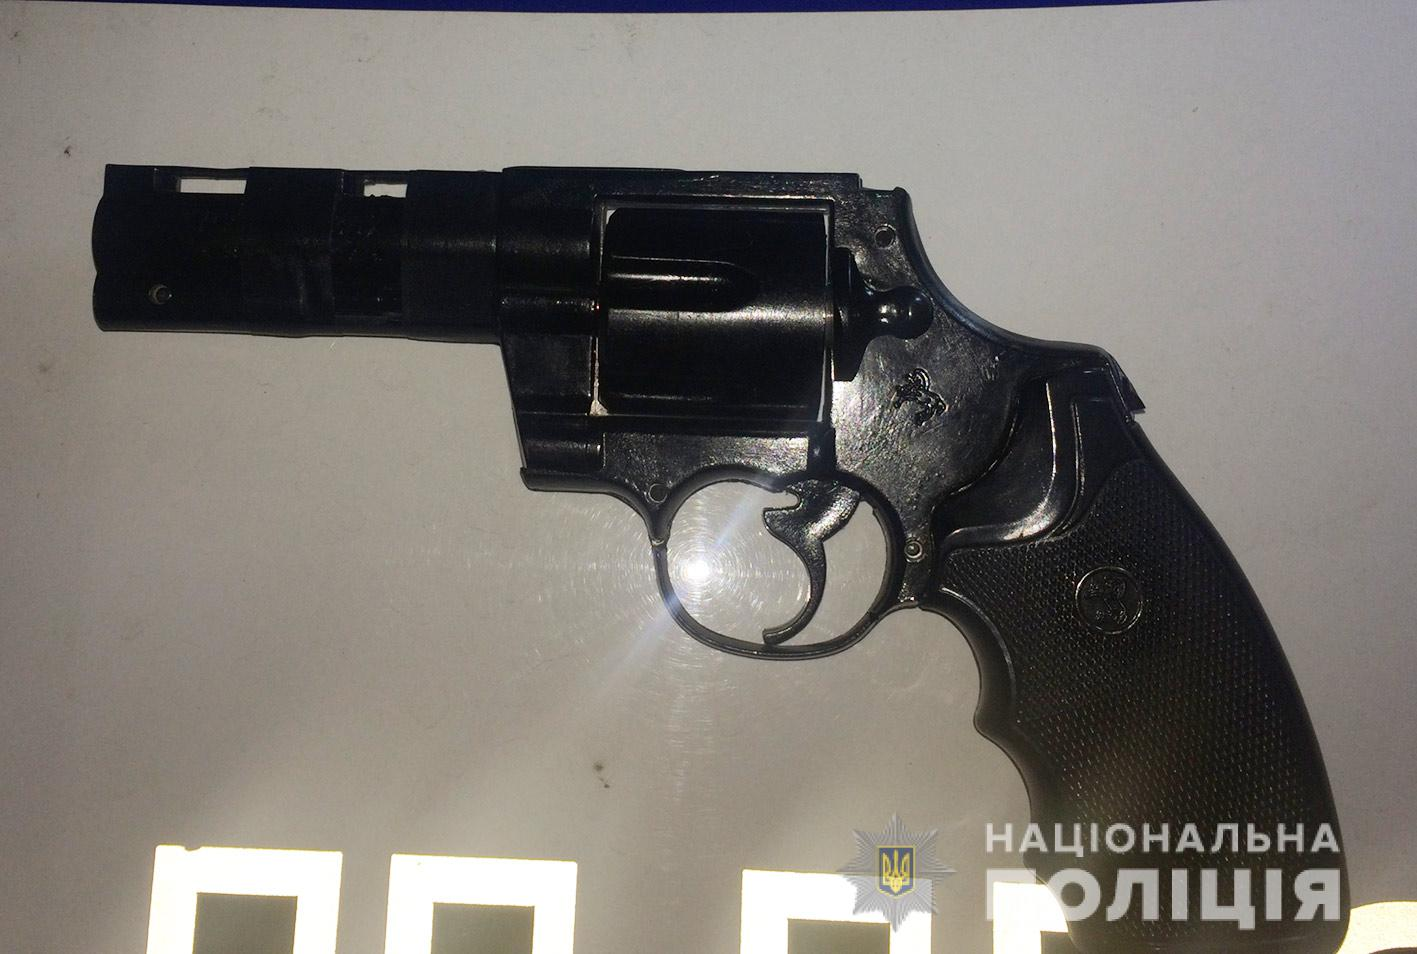 Продавцу мужчина угрожал игрушечным пистолетом